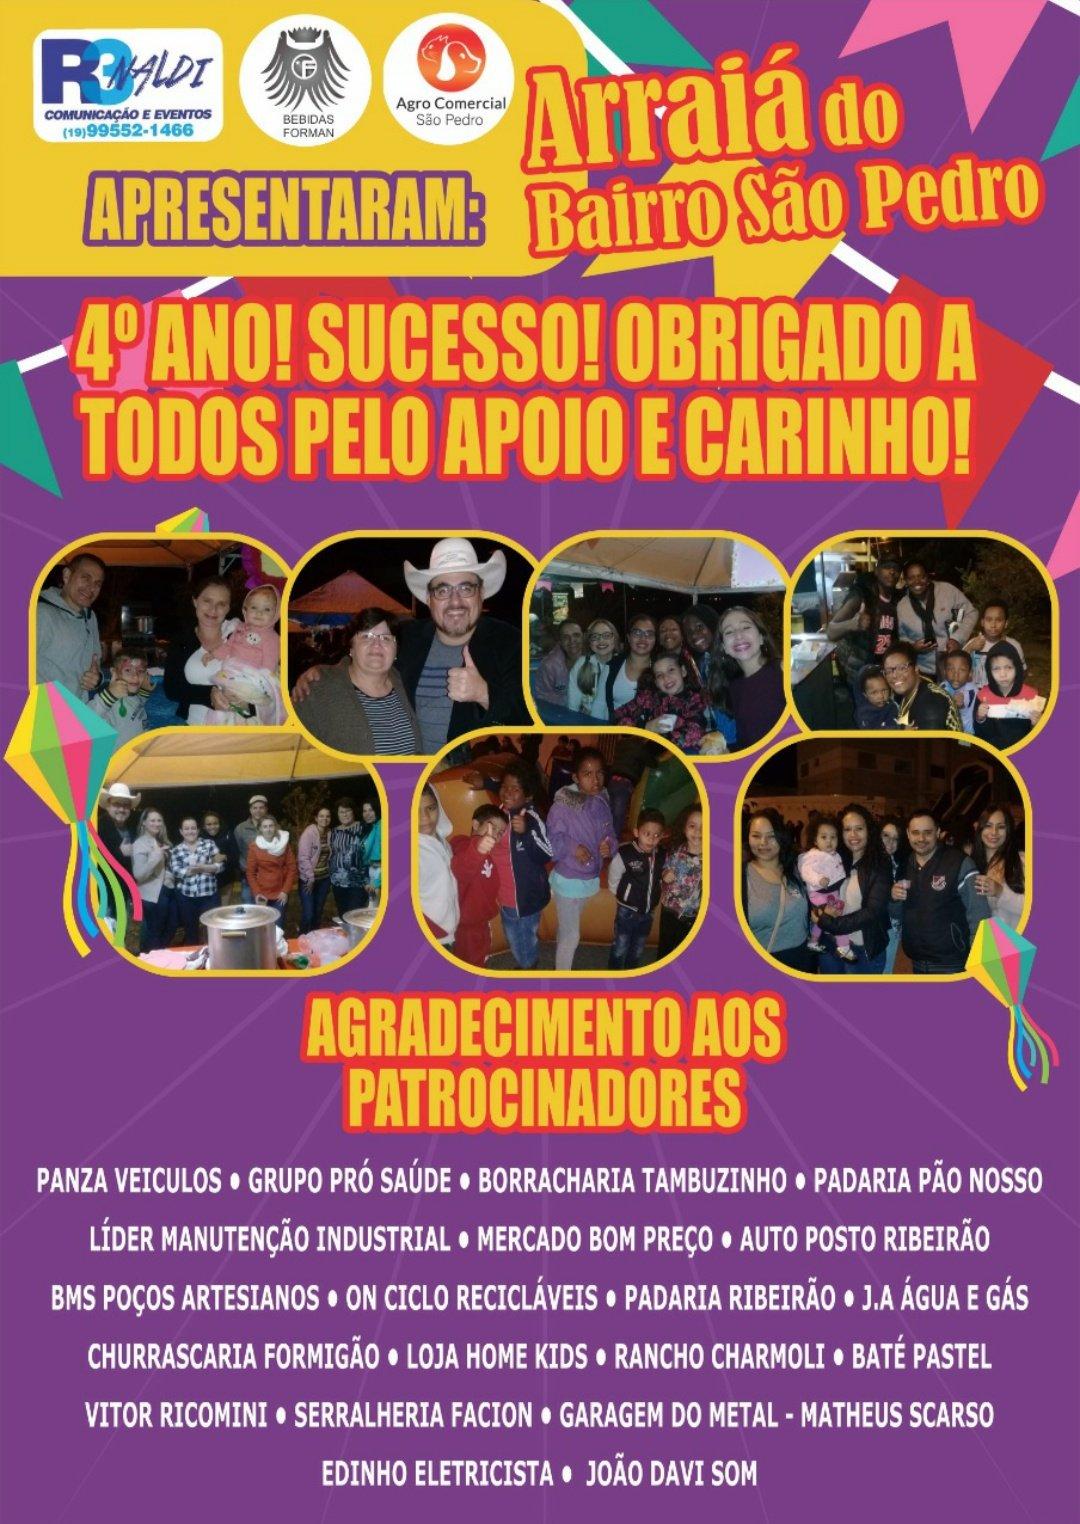 RADIALISTA E AMIGOS DO BAIRRO SÃO PEDRO REALIZAM PELO 4 ANO FESTA JULINA BENEFICENTE.